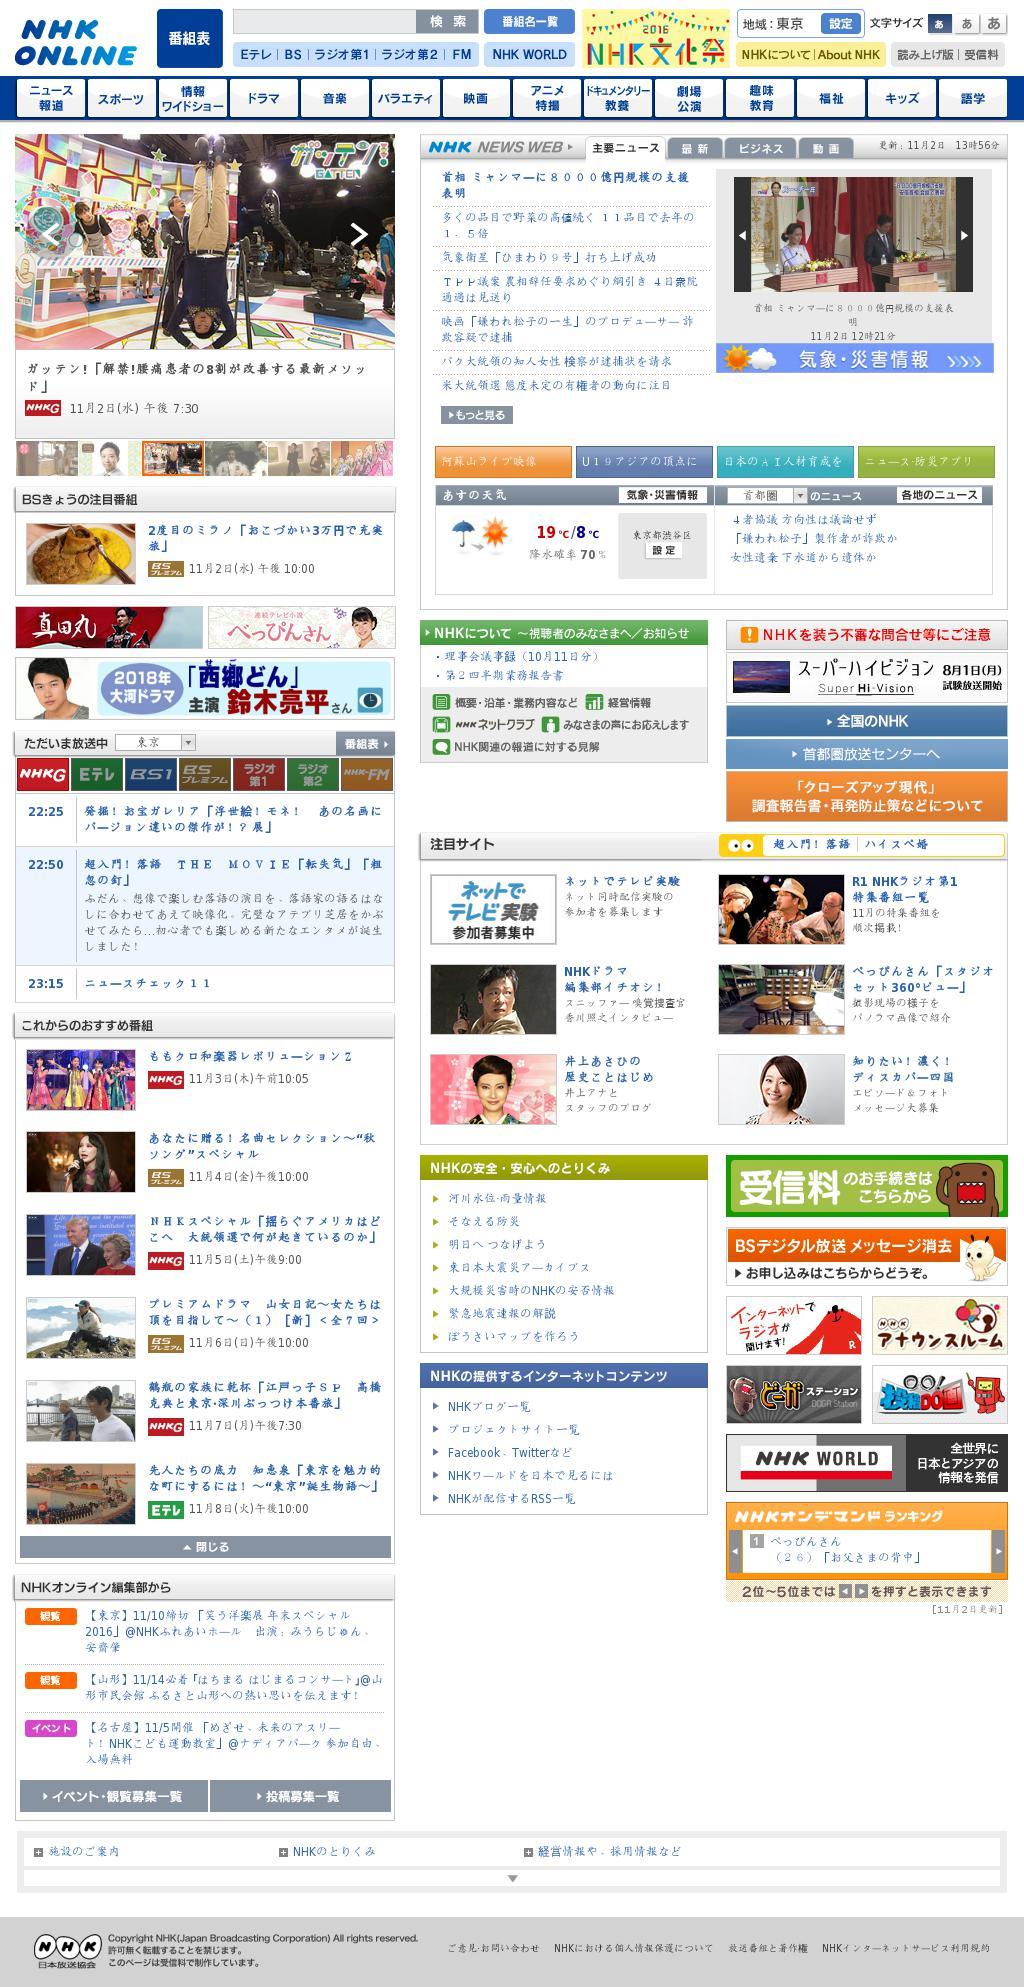 NHK Online at Wednesday Nov. 2, 2016, 2:11 p.m. UTC